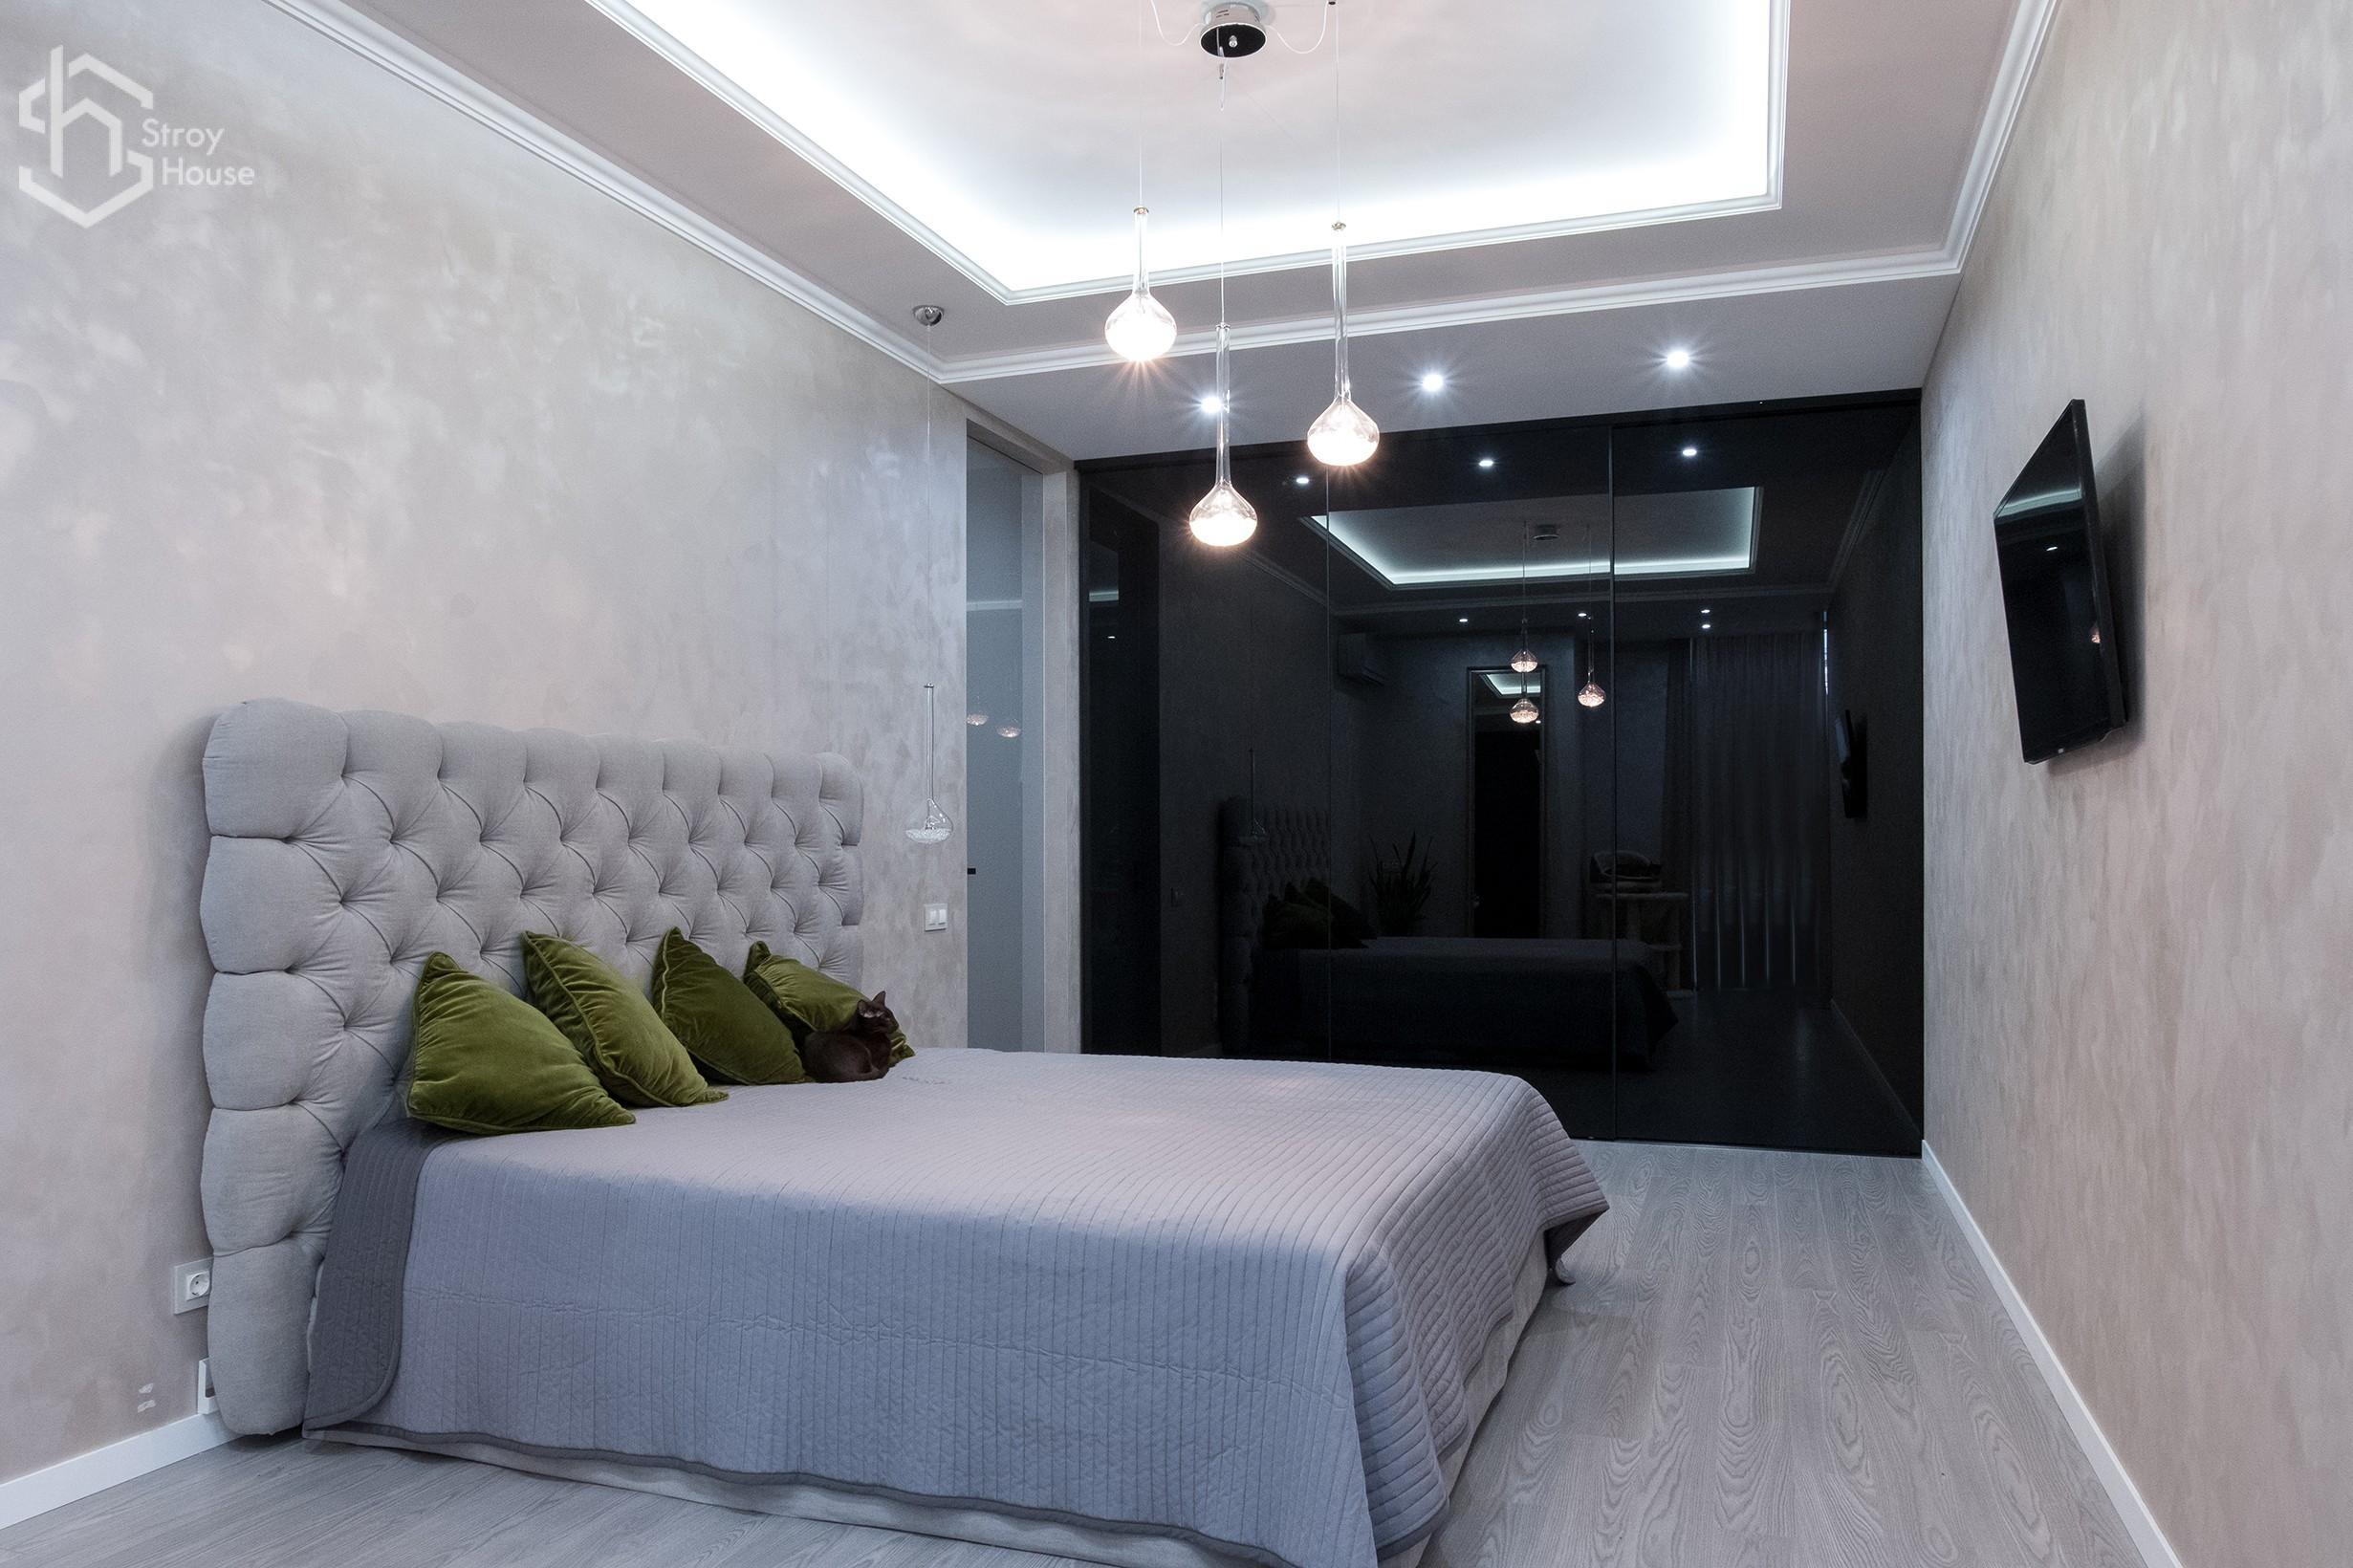 Красивый ремонт квартиры под ключ по проекту от stroyhouse.od.ua